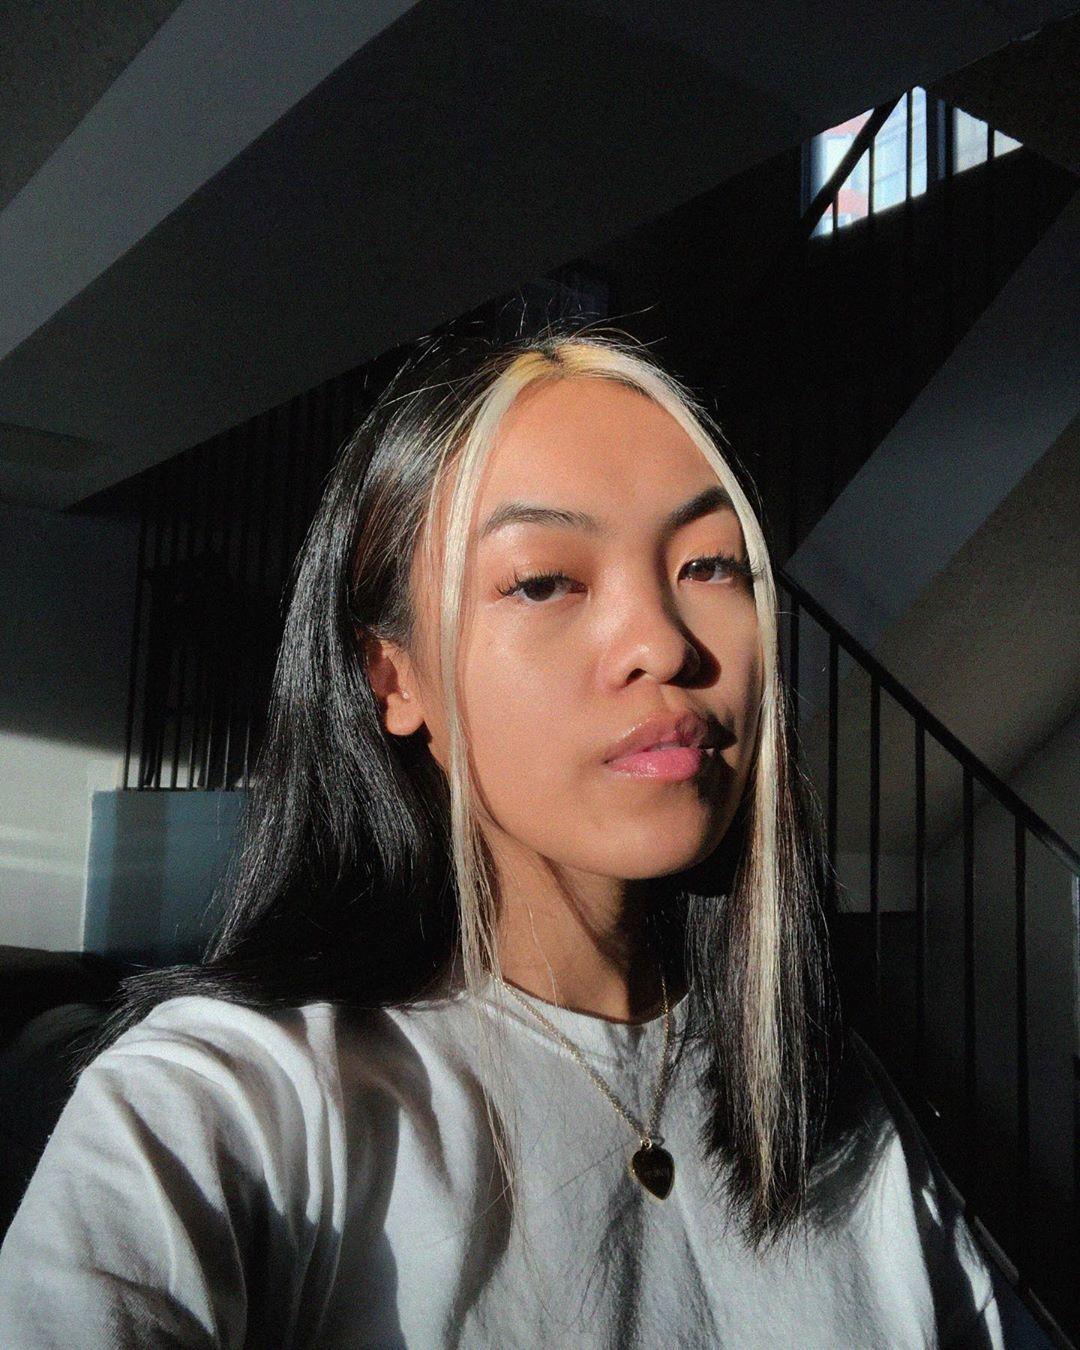 Fille aux cheveux brun foncé avec des mèches blondes décolorées sur le devant